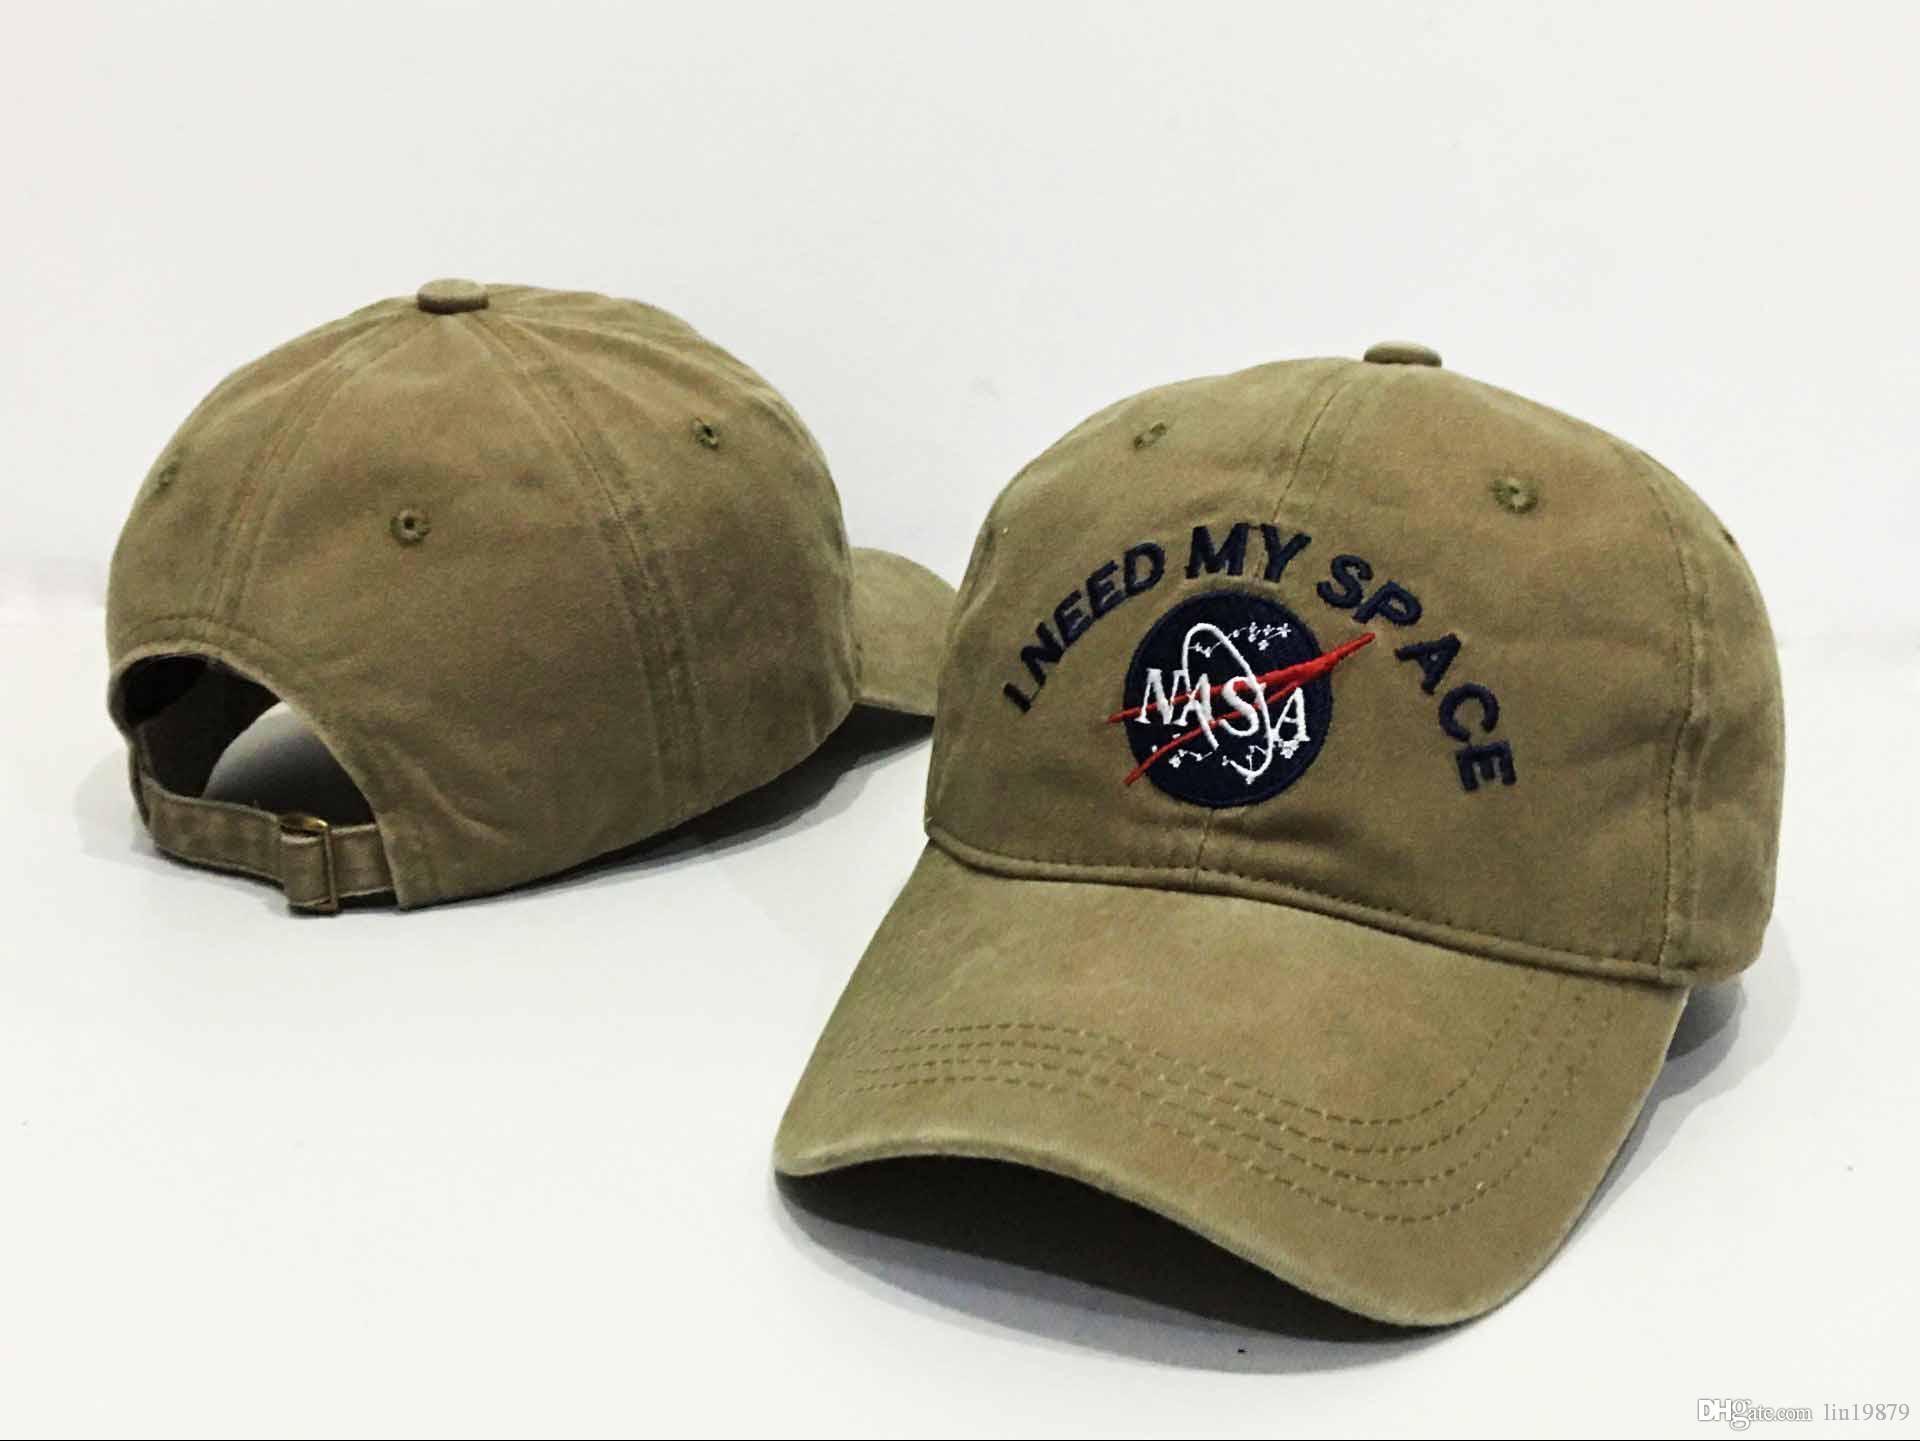 Оптовая кости мужчины женщины НАСА мне нужно мое пространство 6 панель Snapback шапки мода хип-хоп Casquette Горра бейсболки Strapback